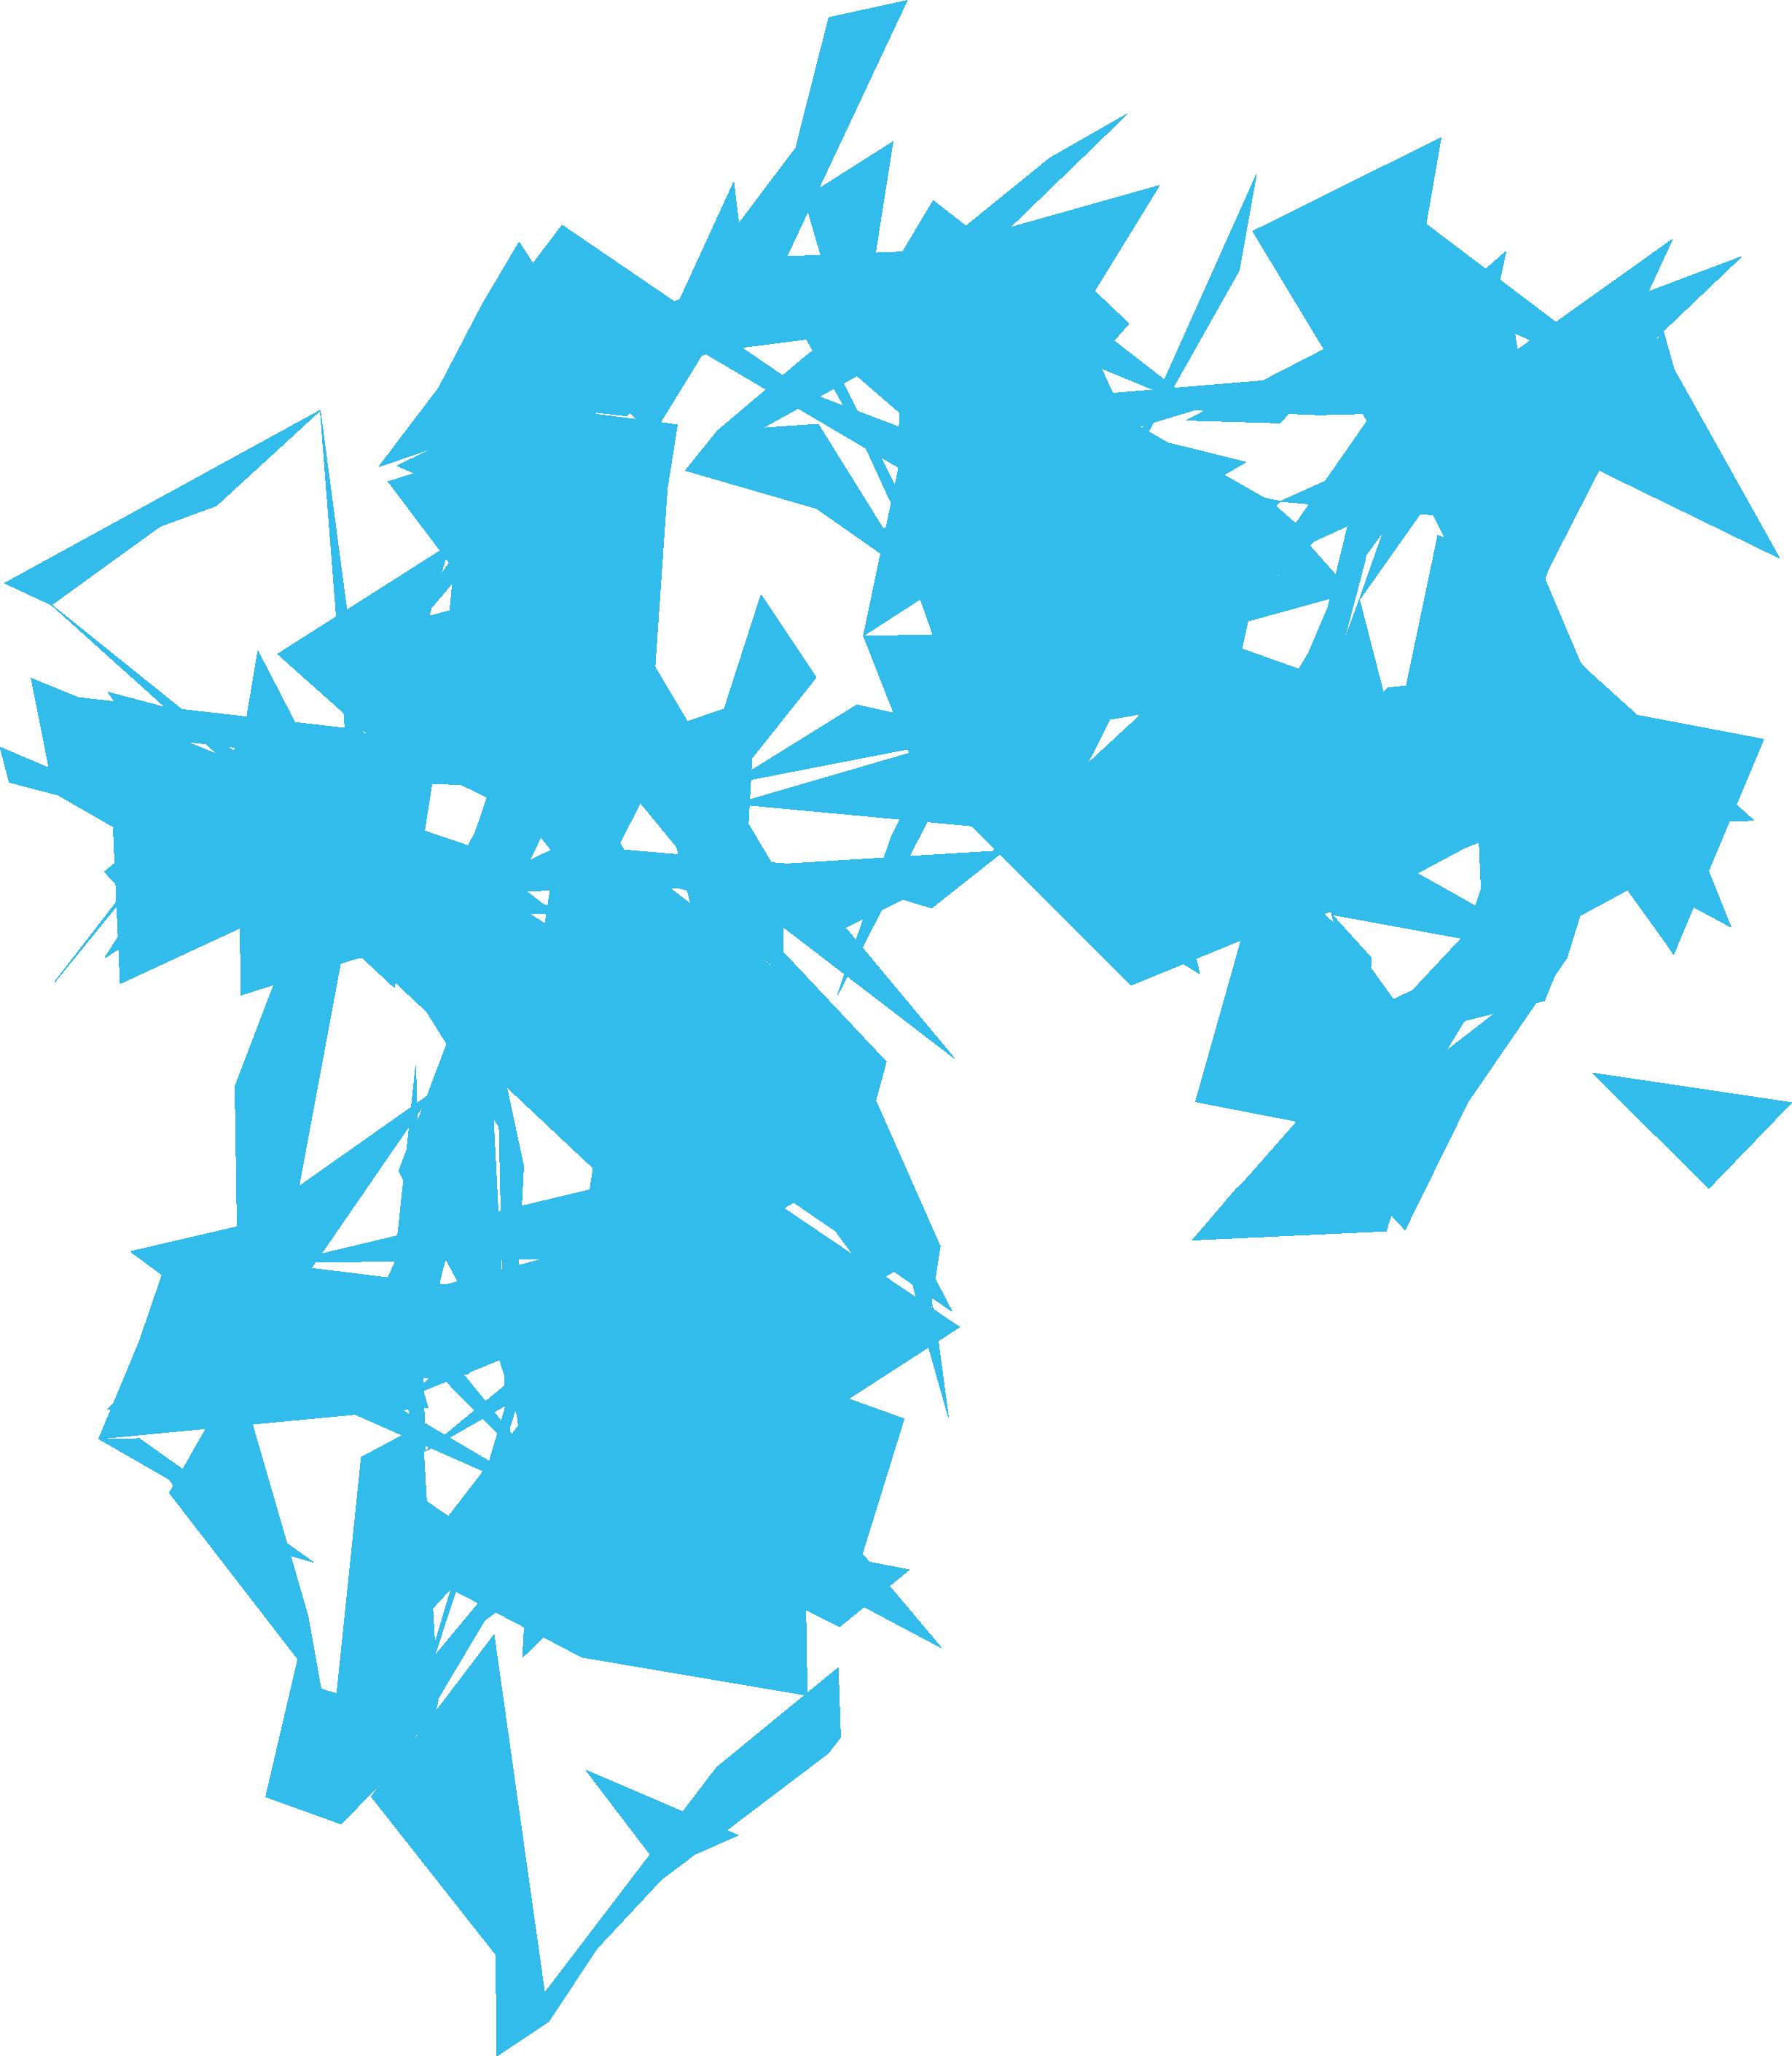 svg Blue technology high euclidean. Tech vector pattern